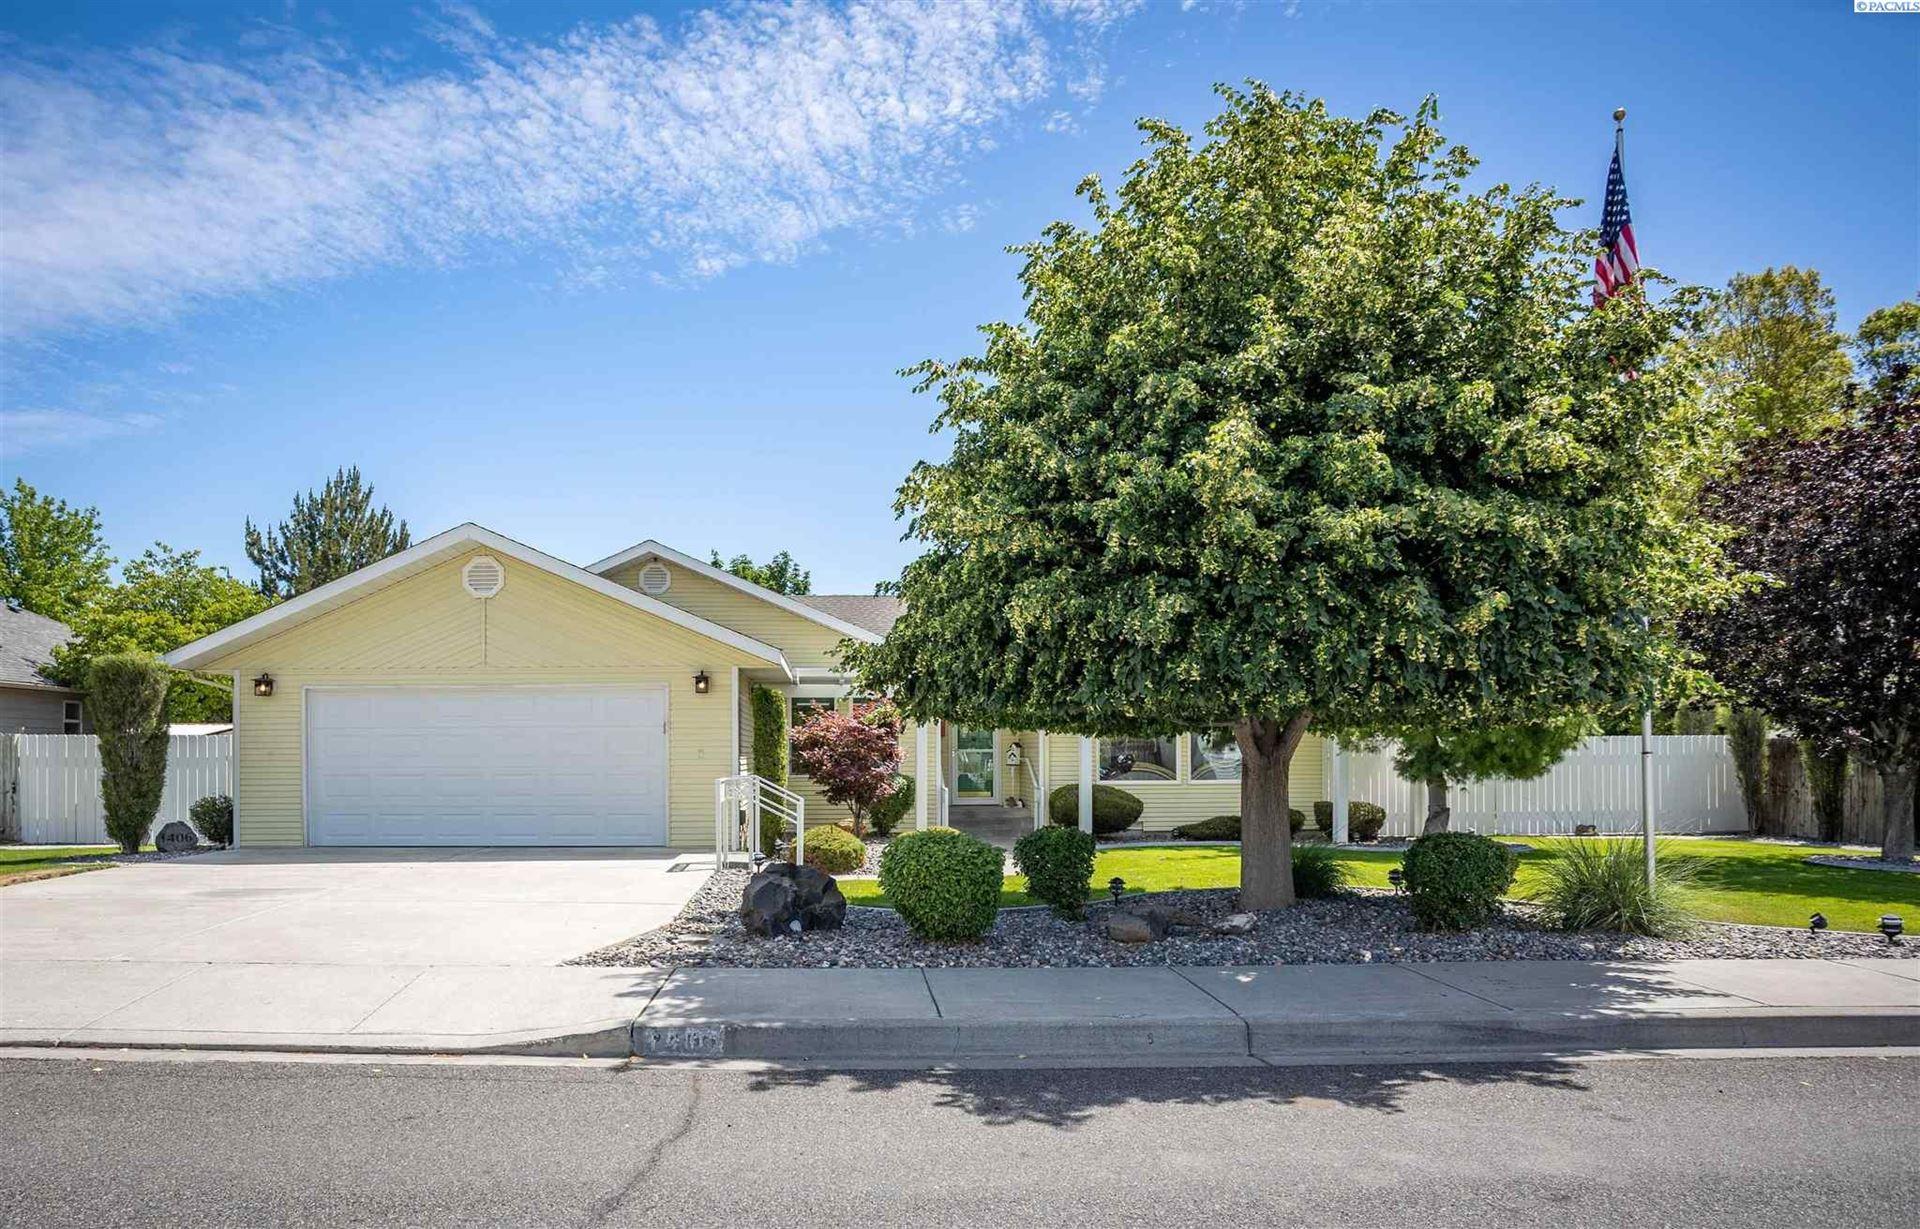 Photo of 1406 Canyon Ave, Richland, WA 99352 (MLS # 254374)